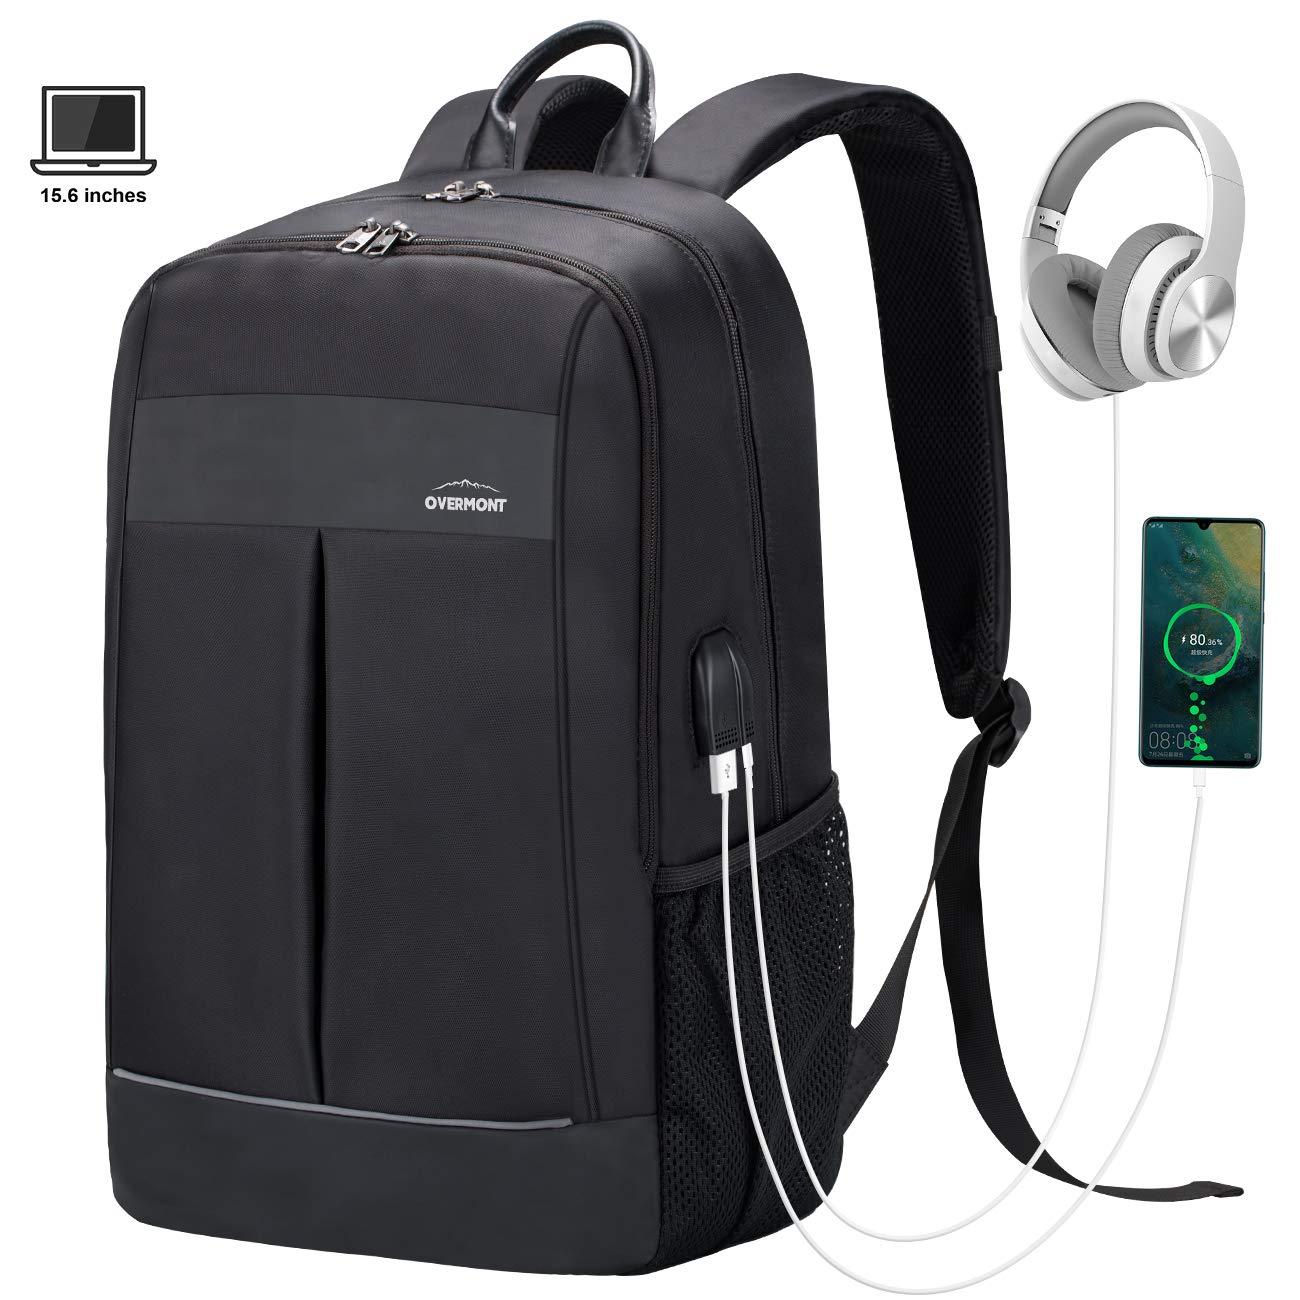 Overmont Zaino Portatile per Laptop PC Borsa Antifurto fino a 15,6